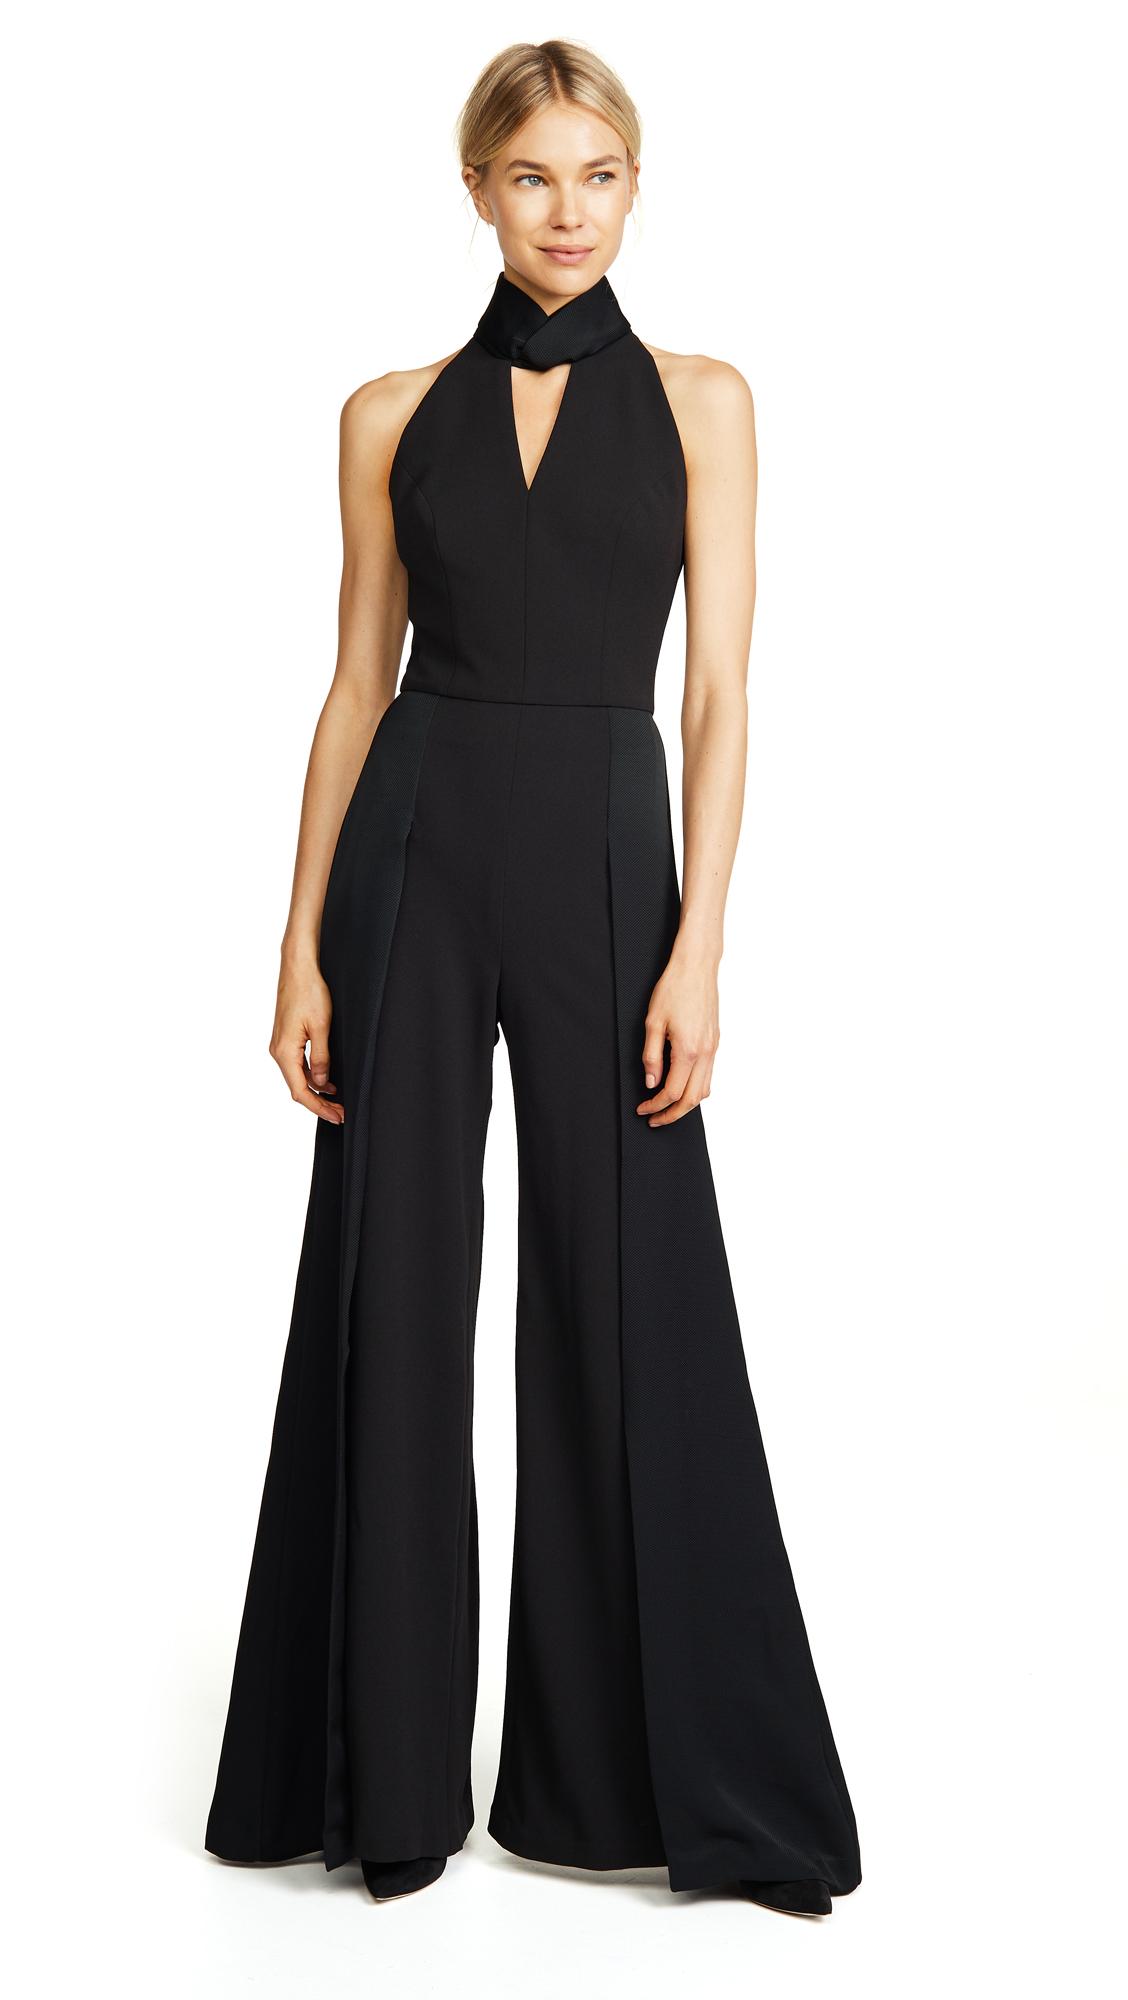 Vatanika Sleeveless Jumpsuit - Black